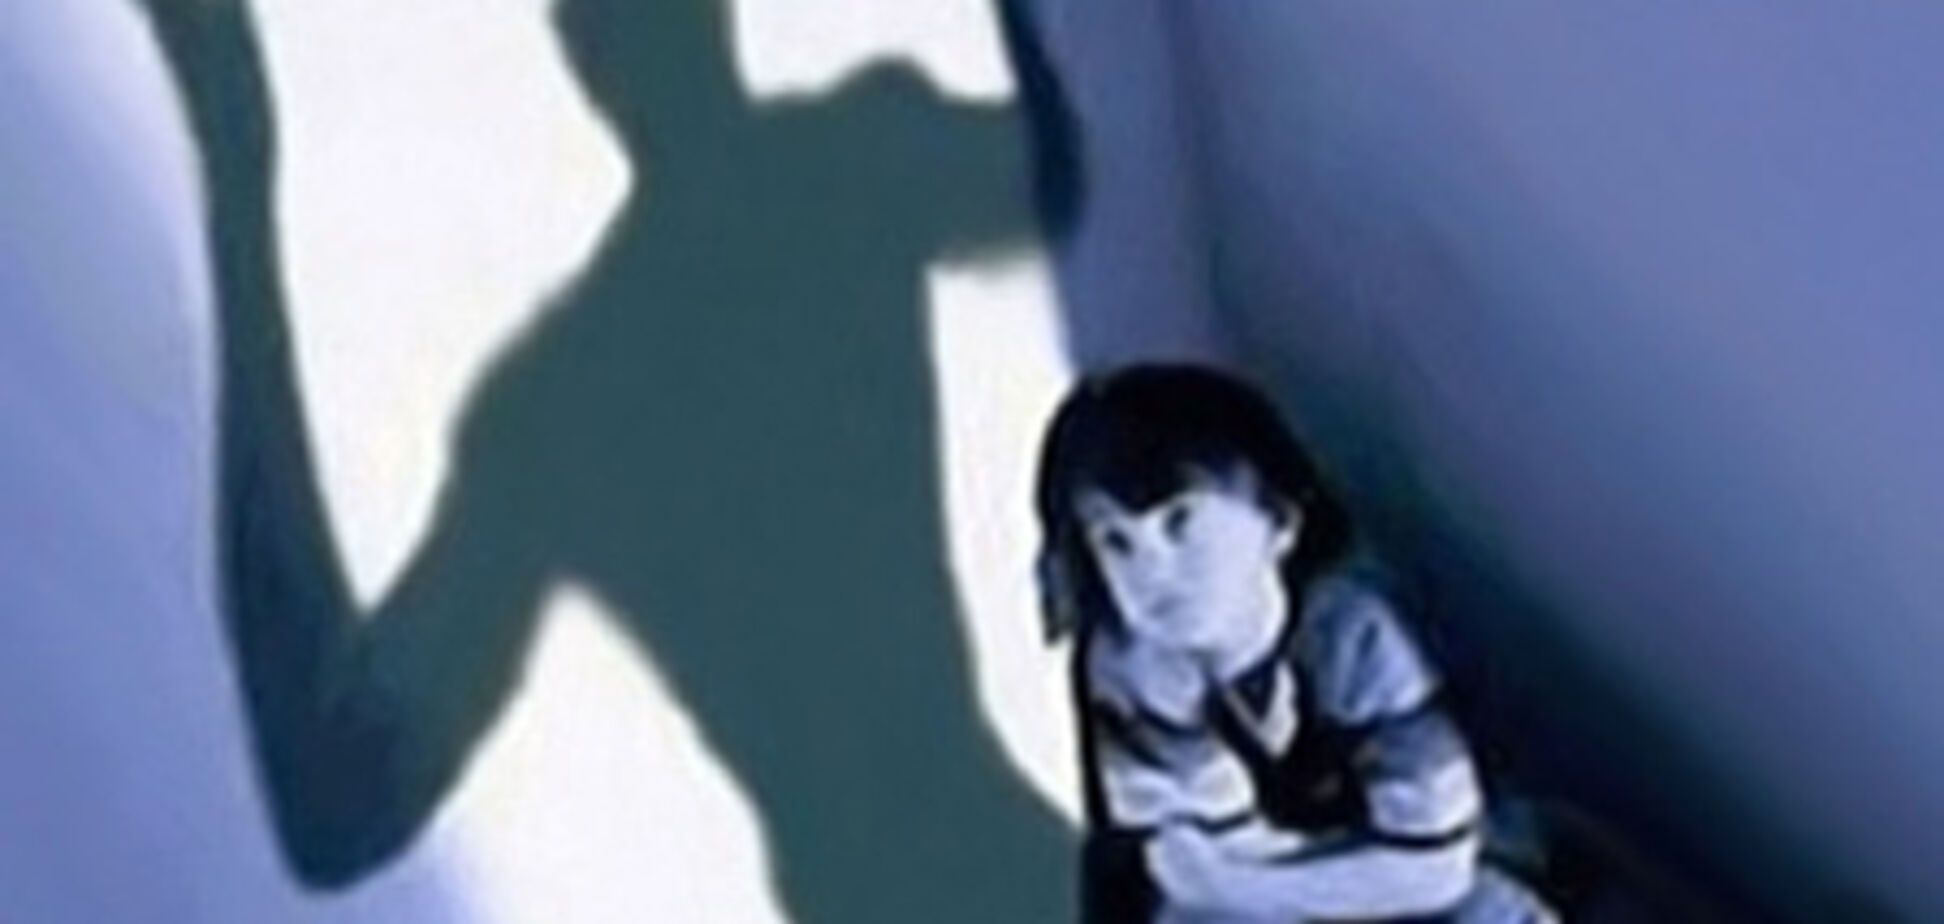 Престарелый педофил 16 лет насиловал мальчиков